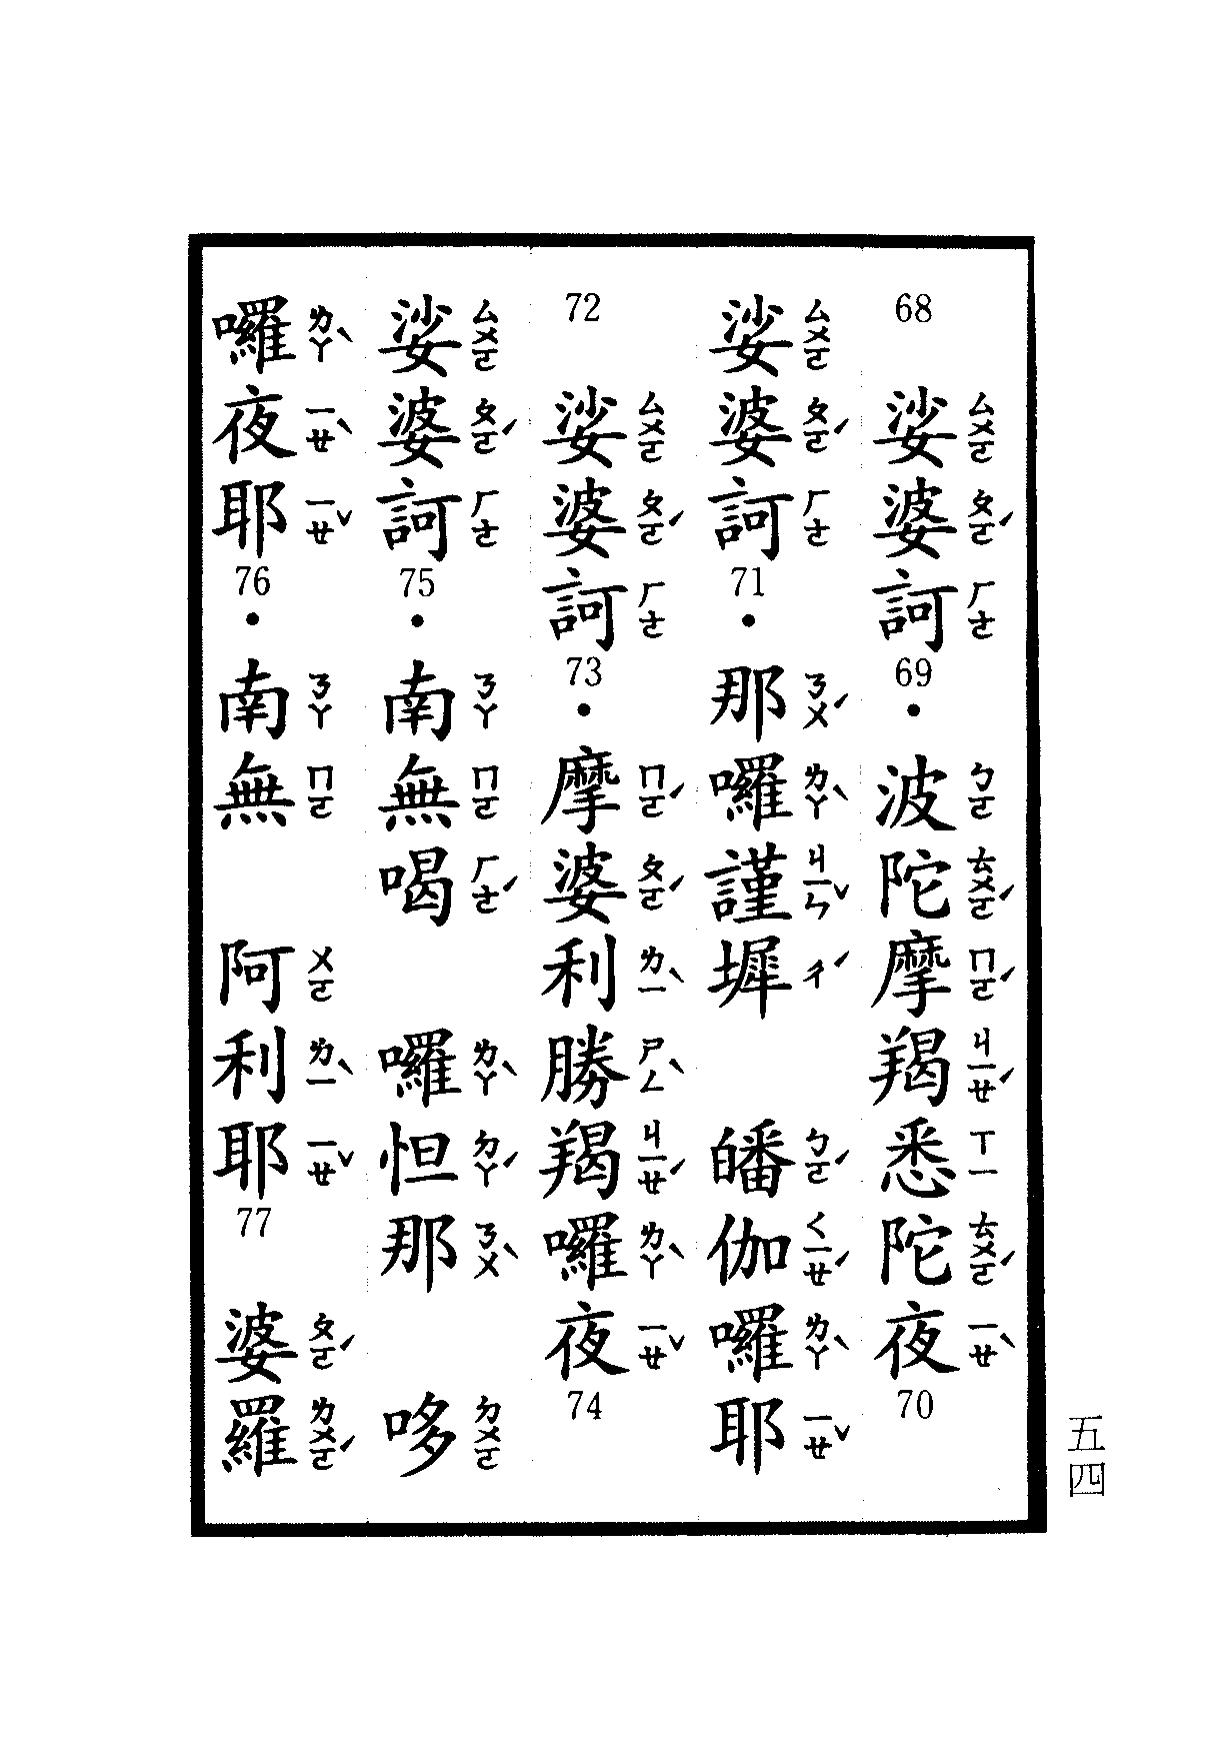 楞嚴咒-大悲咒-十小咒-易背本 60.png